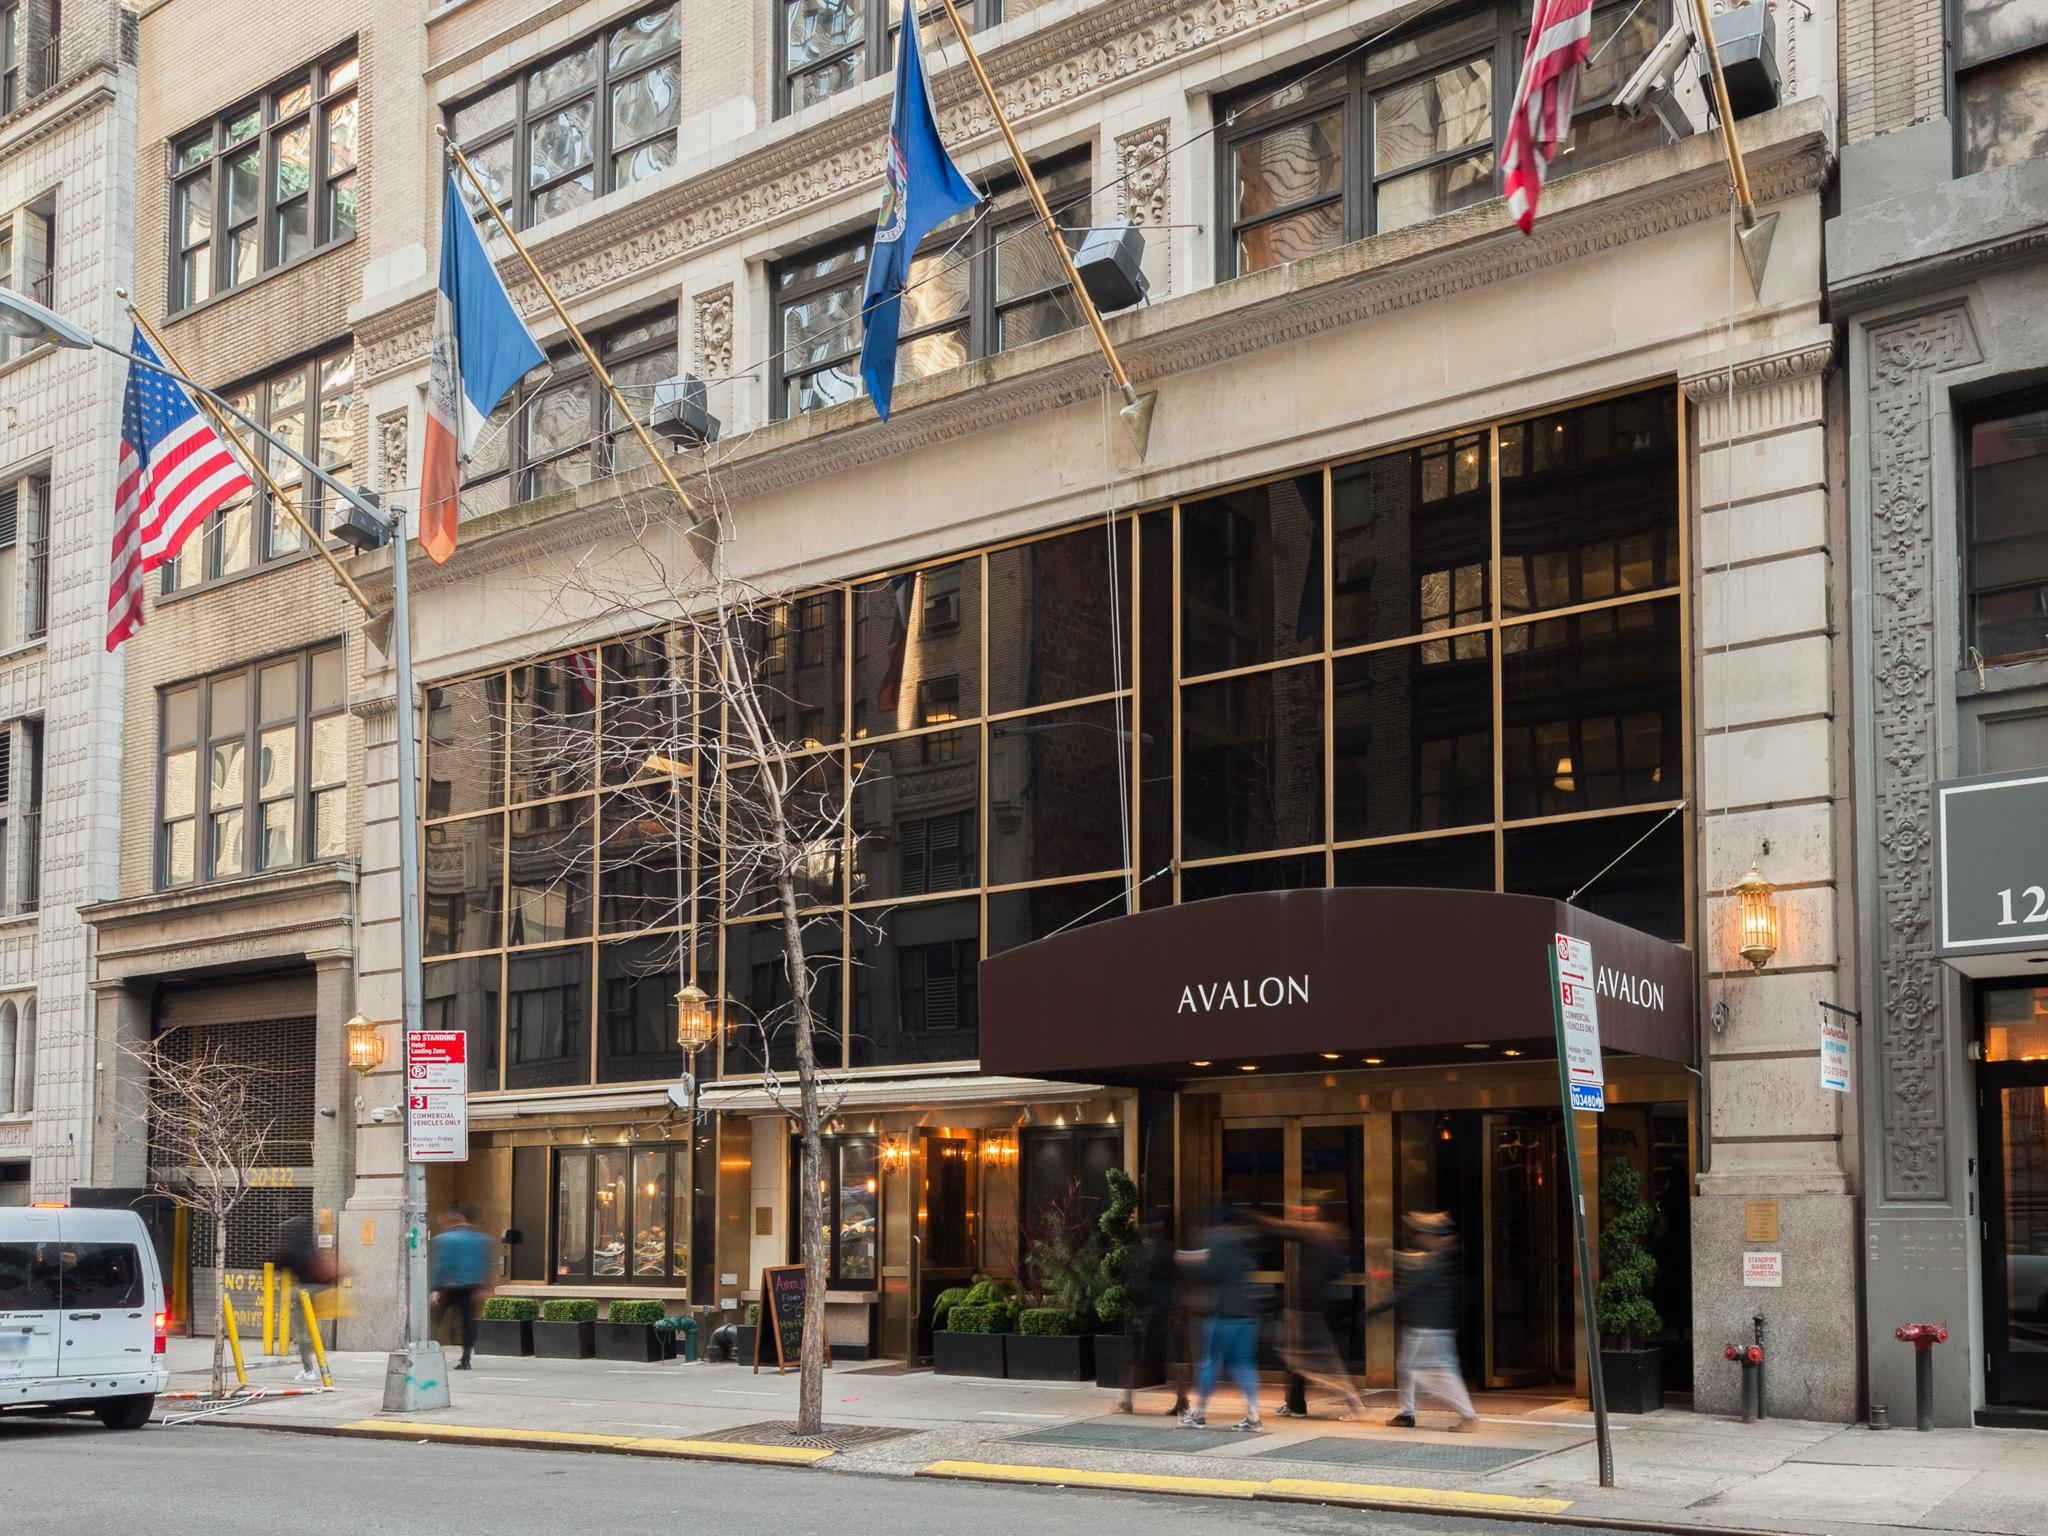 Avalon Hotel image